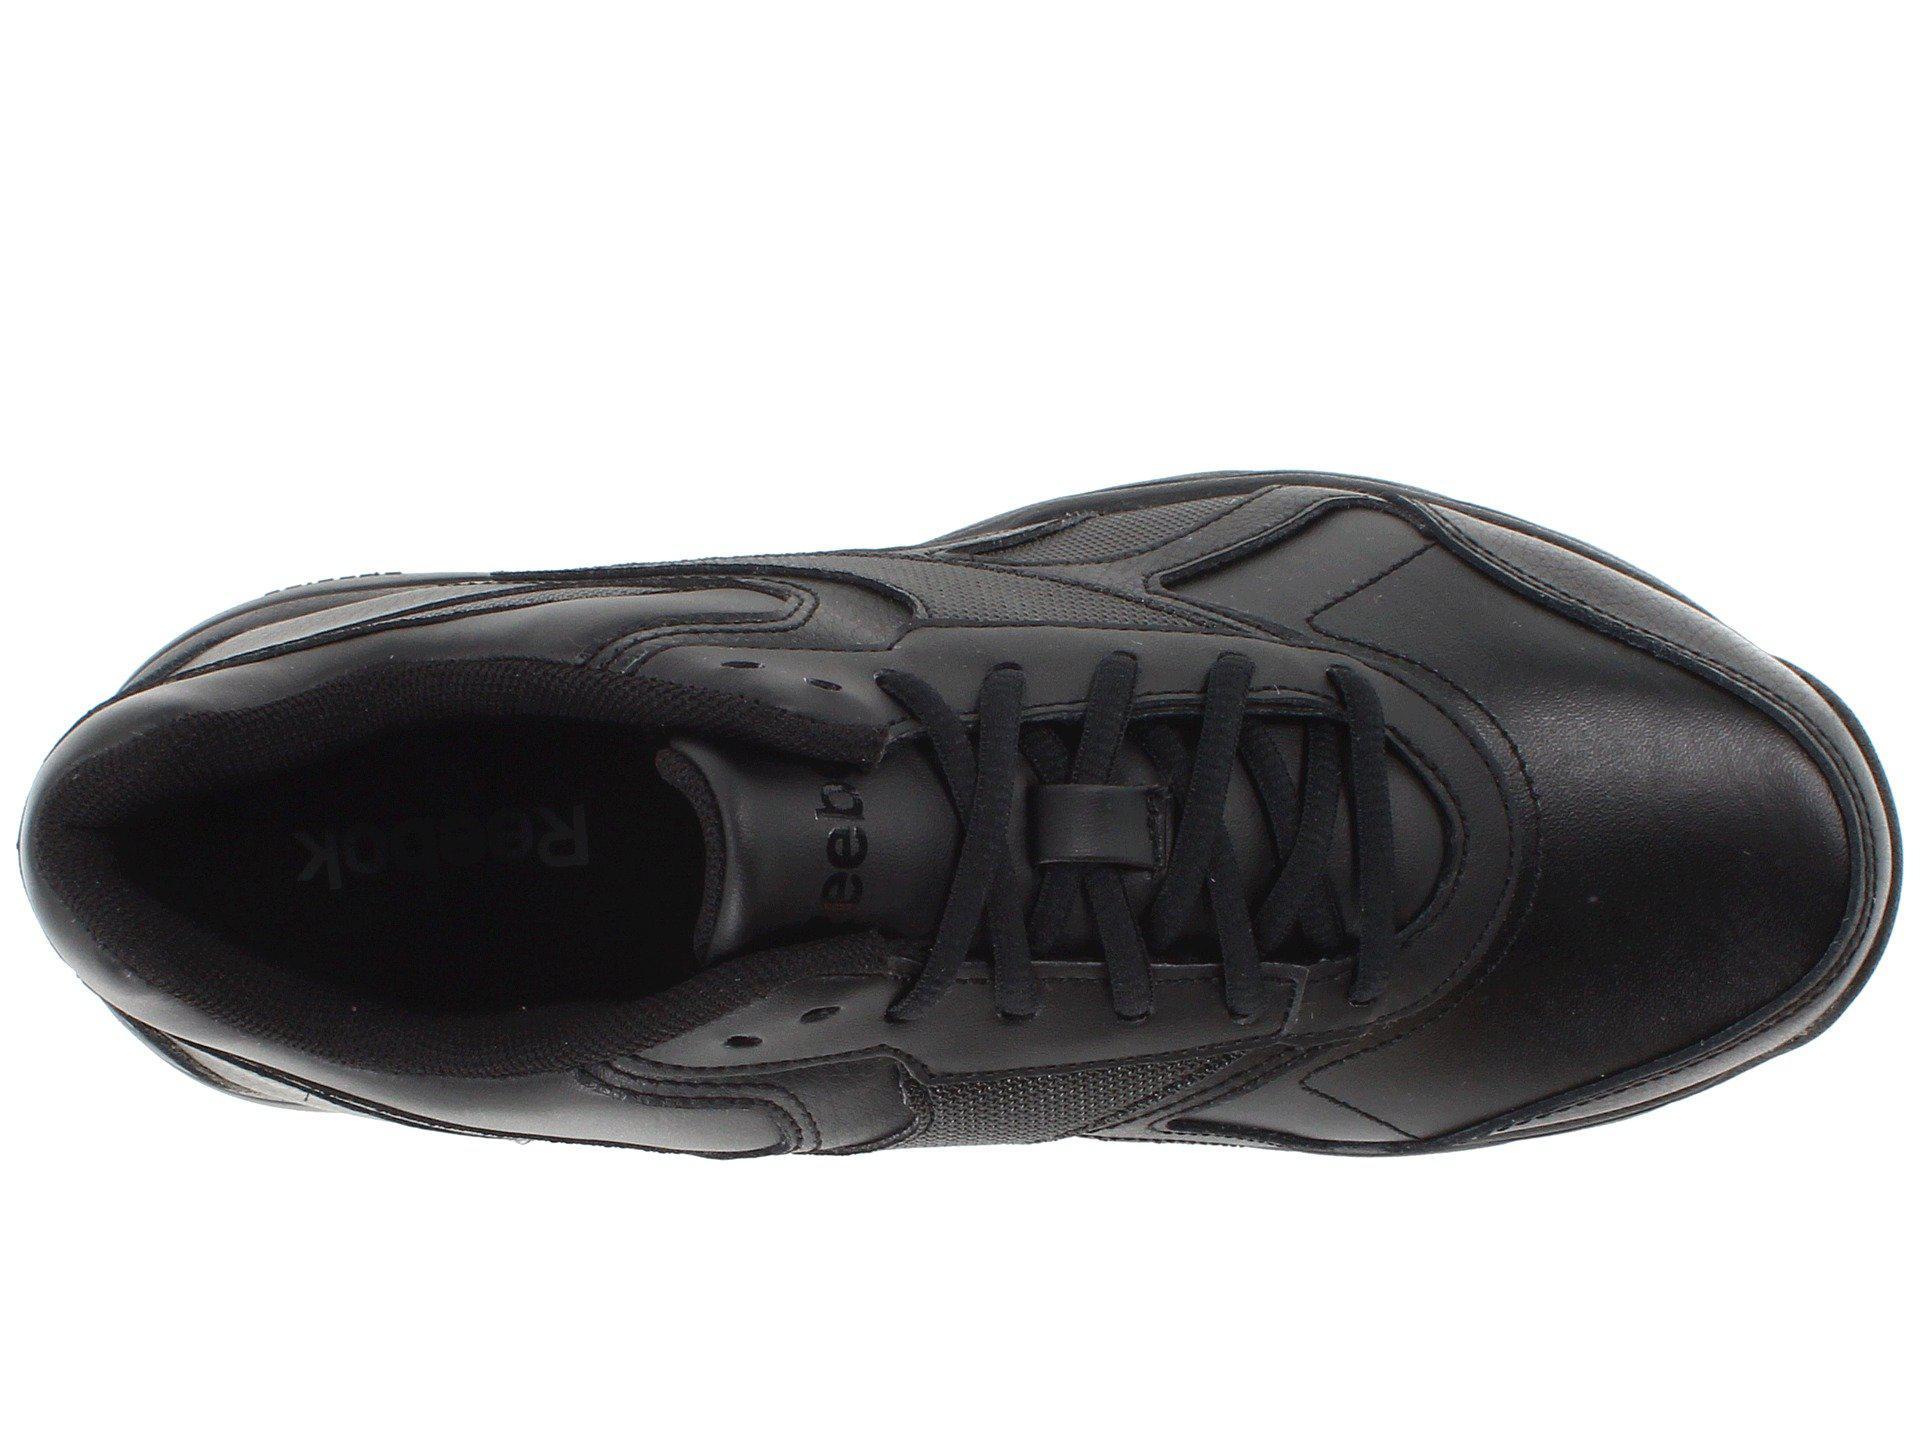 066dfa194c9126 Lyst - Reebok Work  n Cushion in Black for Men